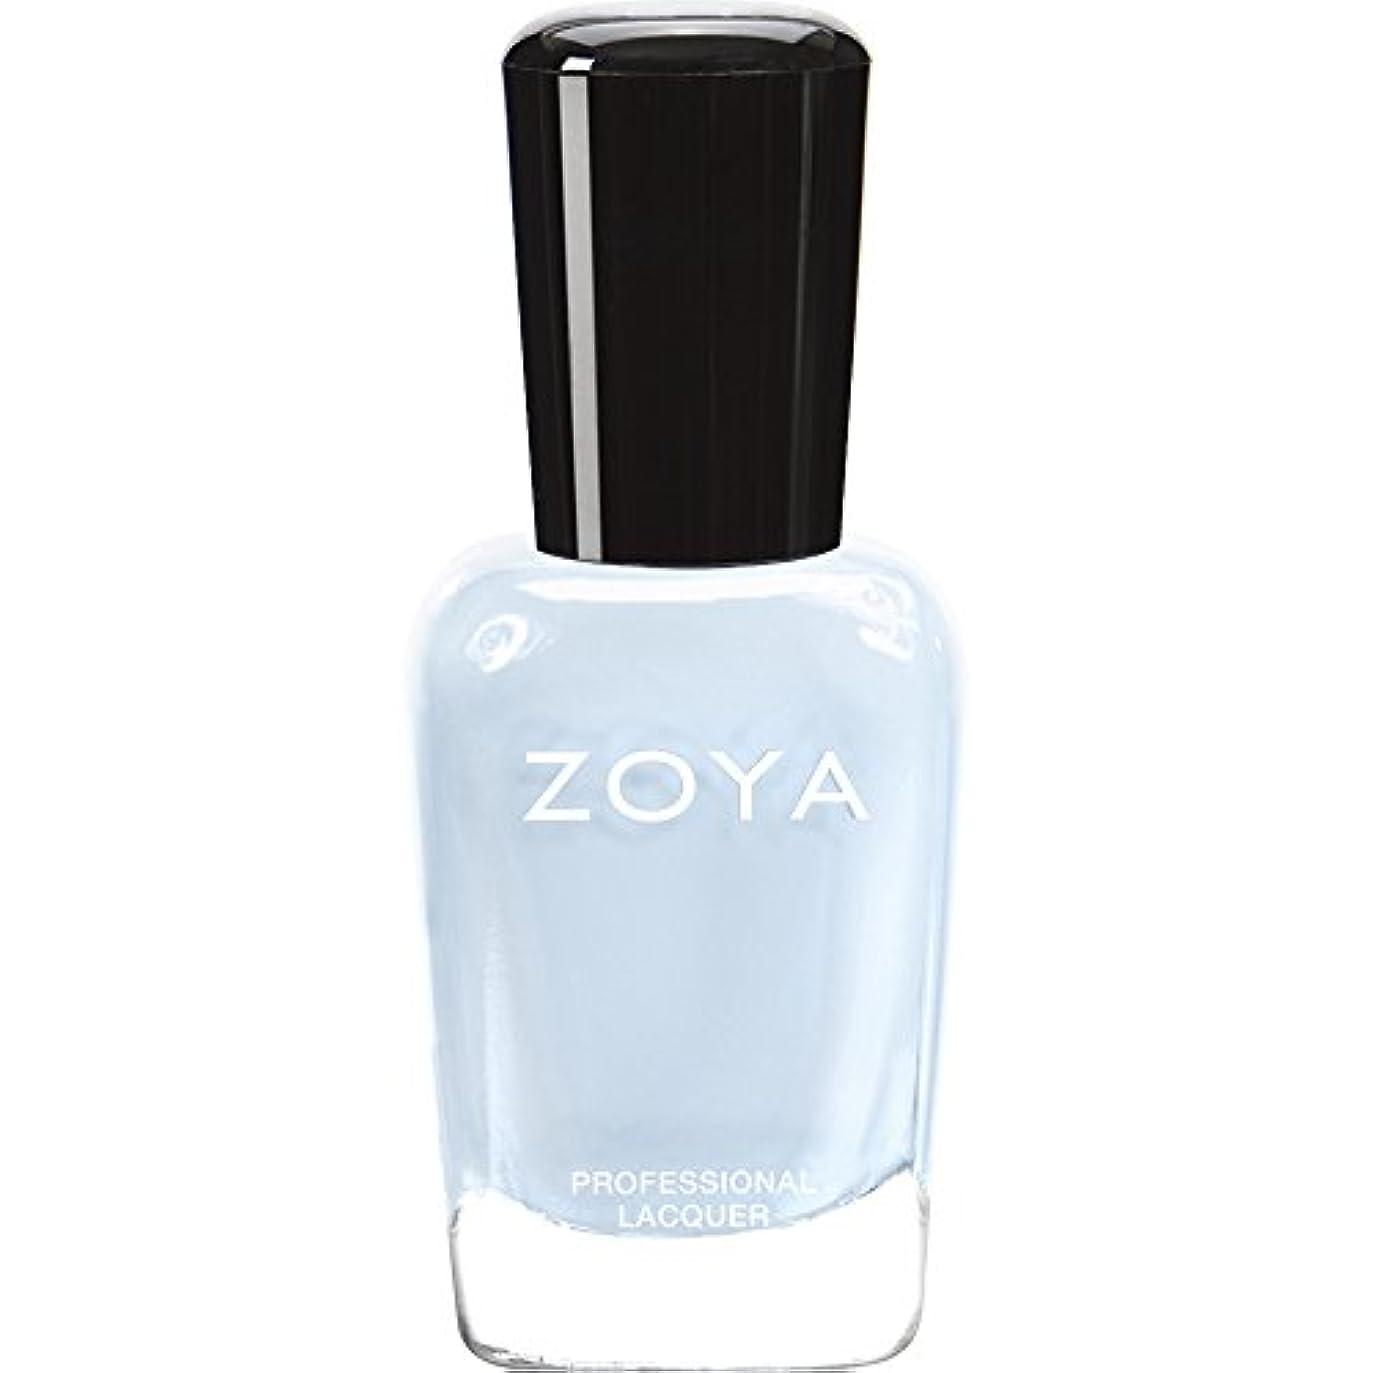 疑い魔術師リラックスZOYA ゾーヤ ネイルカラー ZP653 BLU ブルー 15ml  2012 LOVELY COLLECTION 光沢のある淡いベビーブルー マット 爪にやさしいネイルラッカーマニキュア